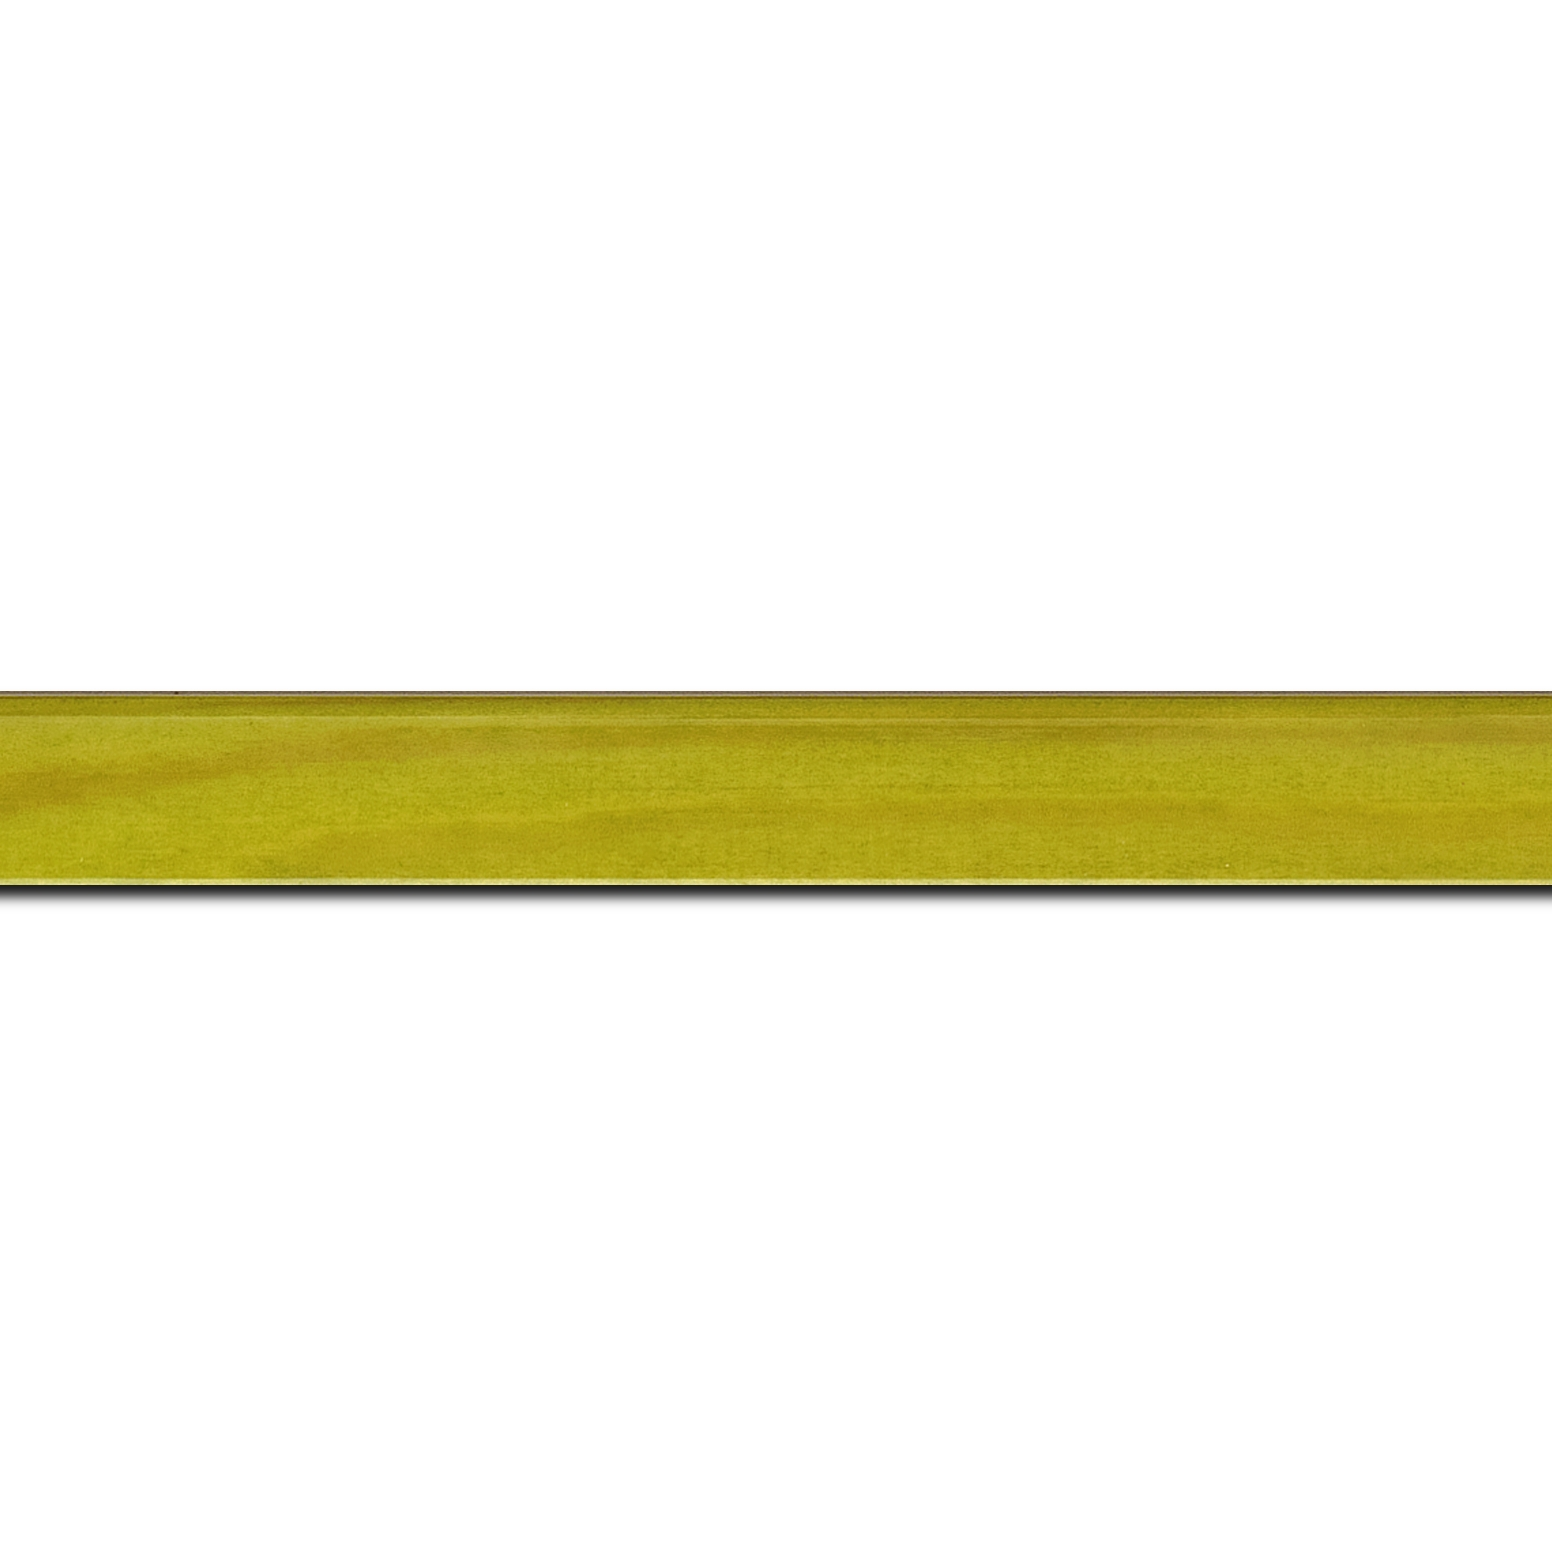 Pack par 12m, bois profil arrondi plongeant largeur 2cm couleur vert anis vernis sur pin (veine du bois apparent) (longueur baguette pouvant varier entre 2.40m et 3m selon arrivage des bois)